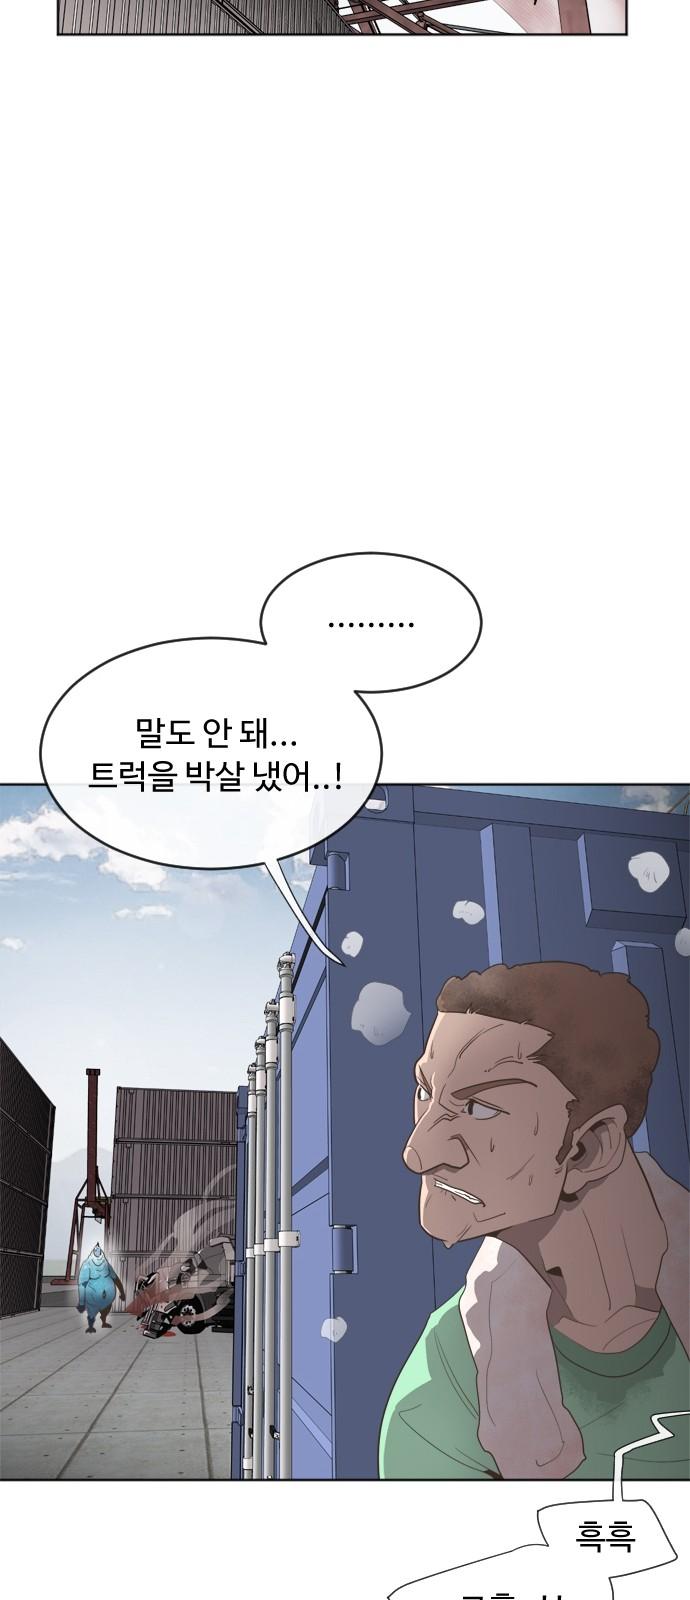 Kĩ Nguyên Của Anh Hùng chap 2 - Trang 46